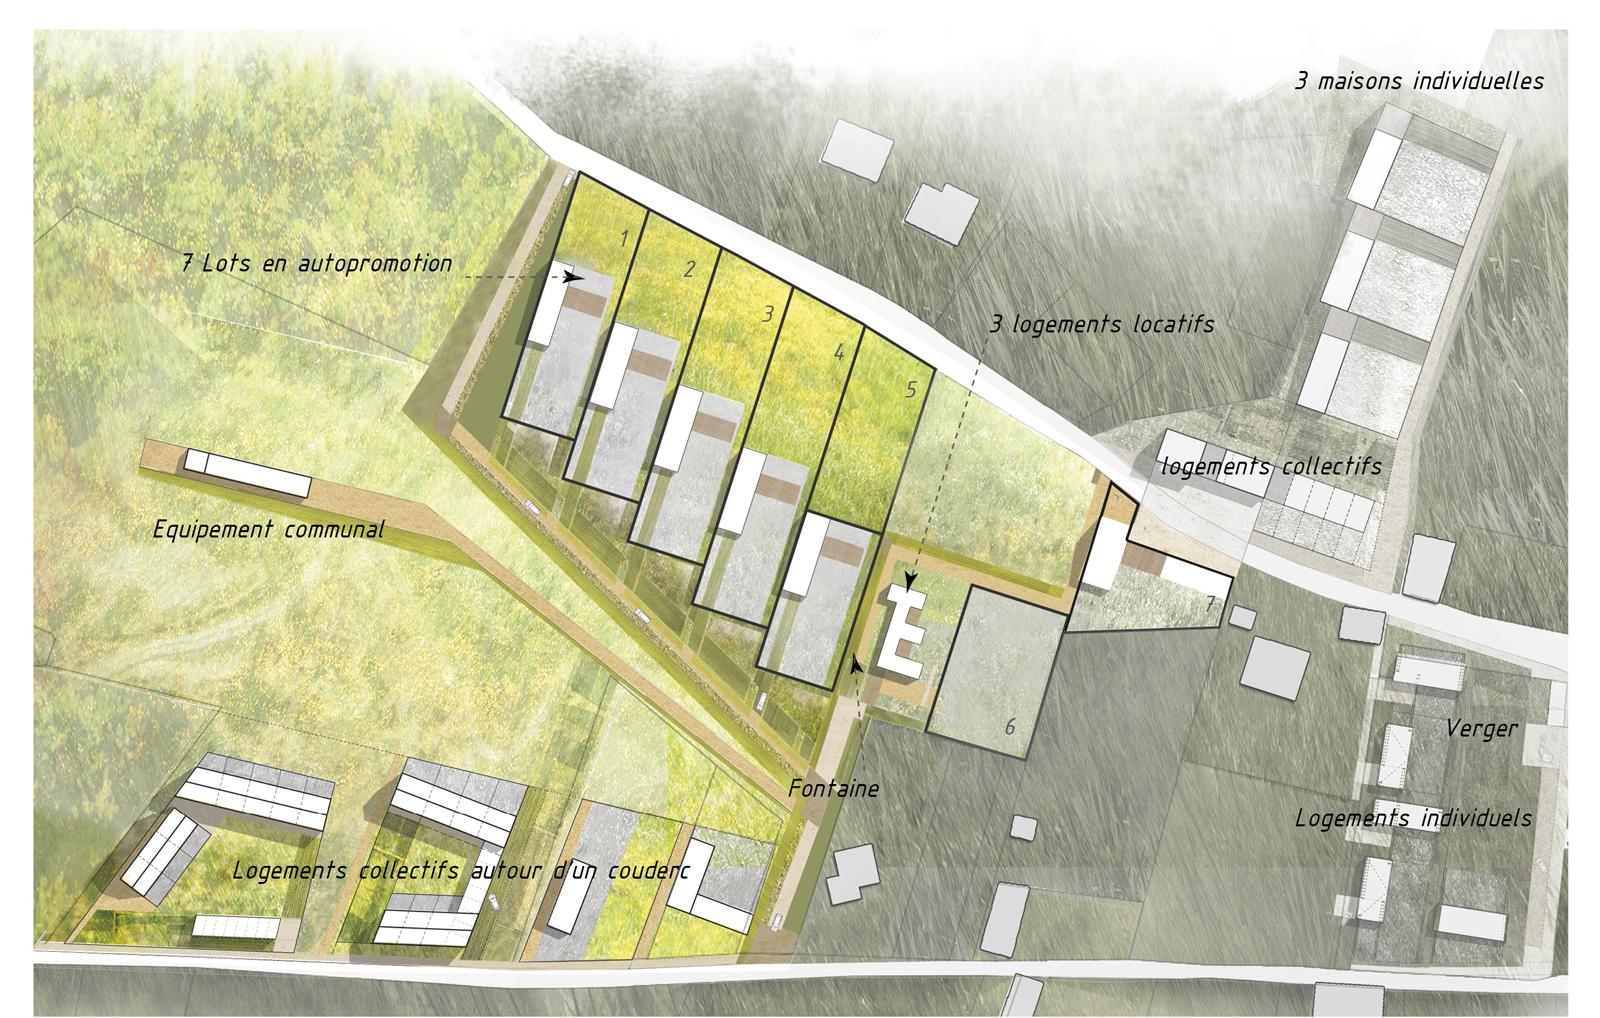 Simple le dessin et le rglement de lucohameau sont en for Architecte prix plan